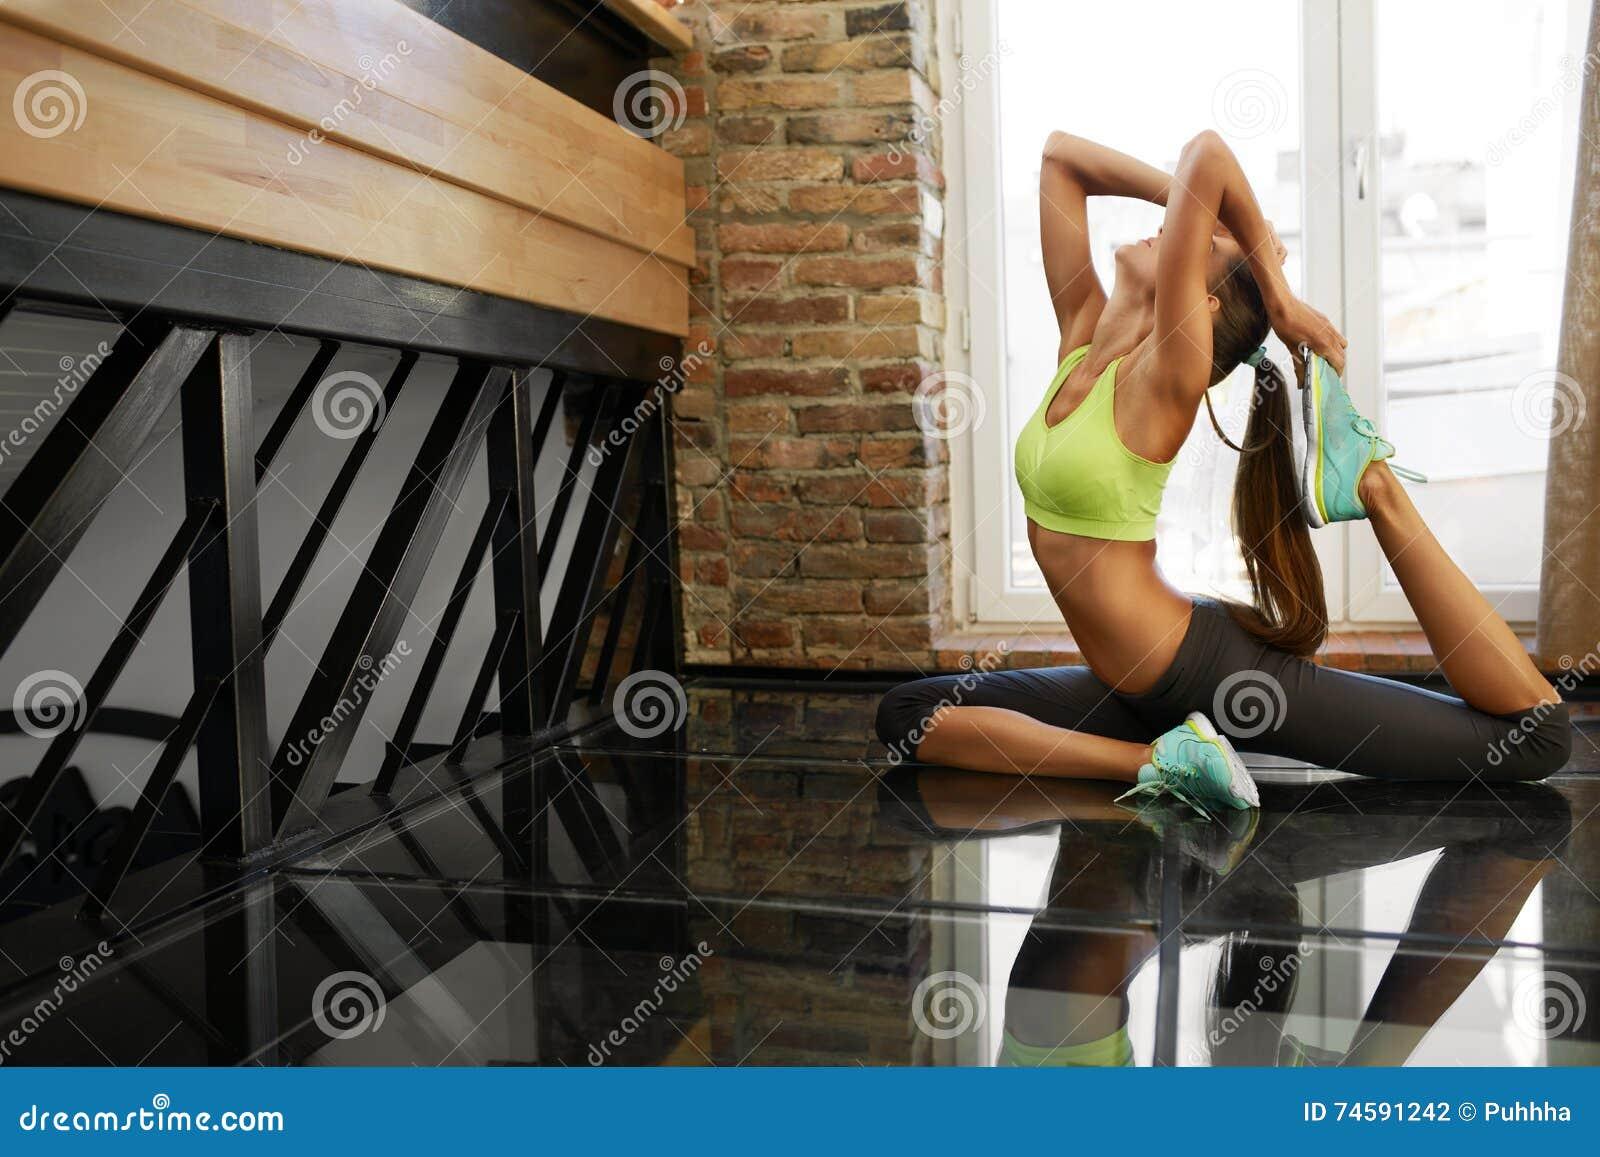 allenamento per la perdita di peso femminile a casa